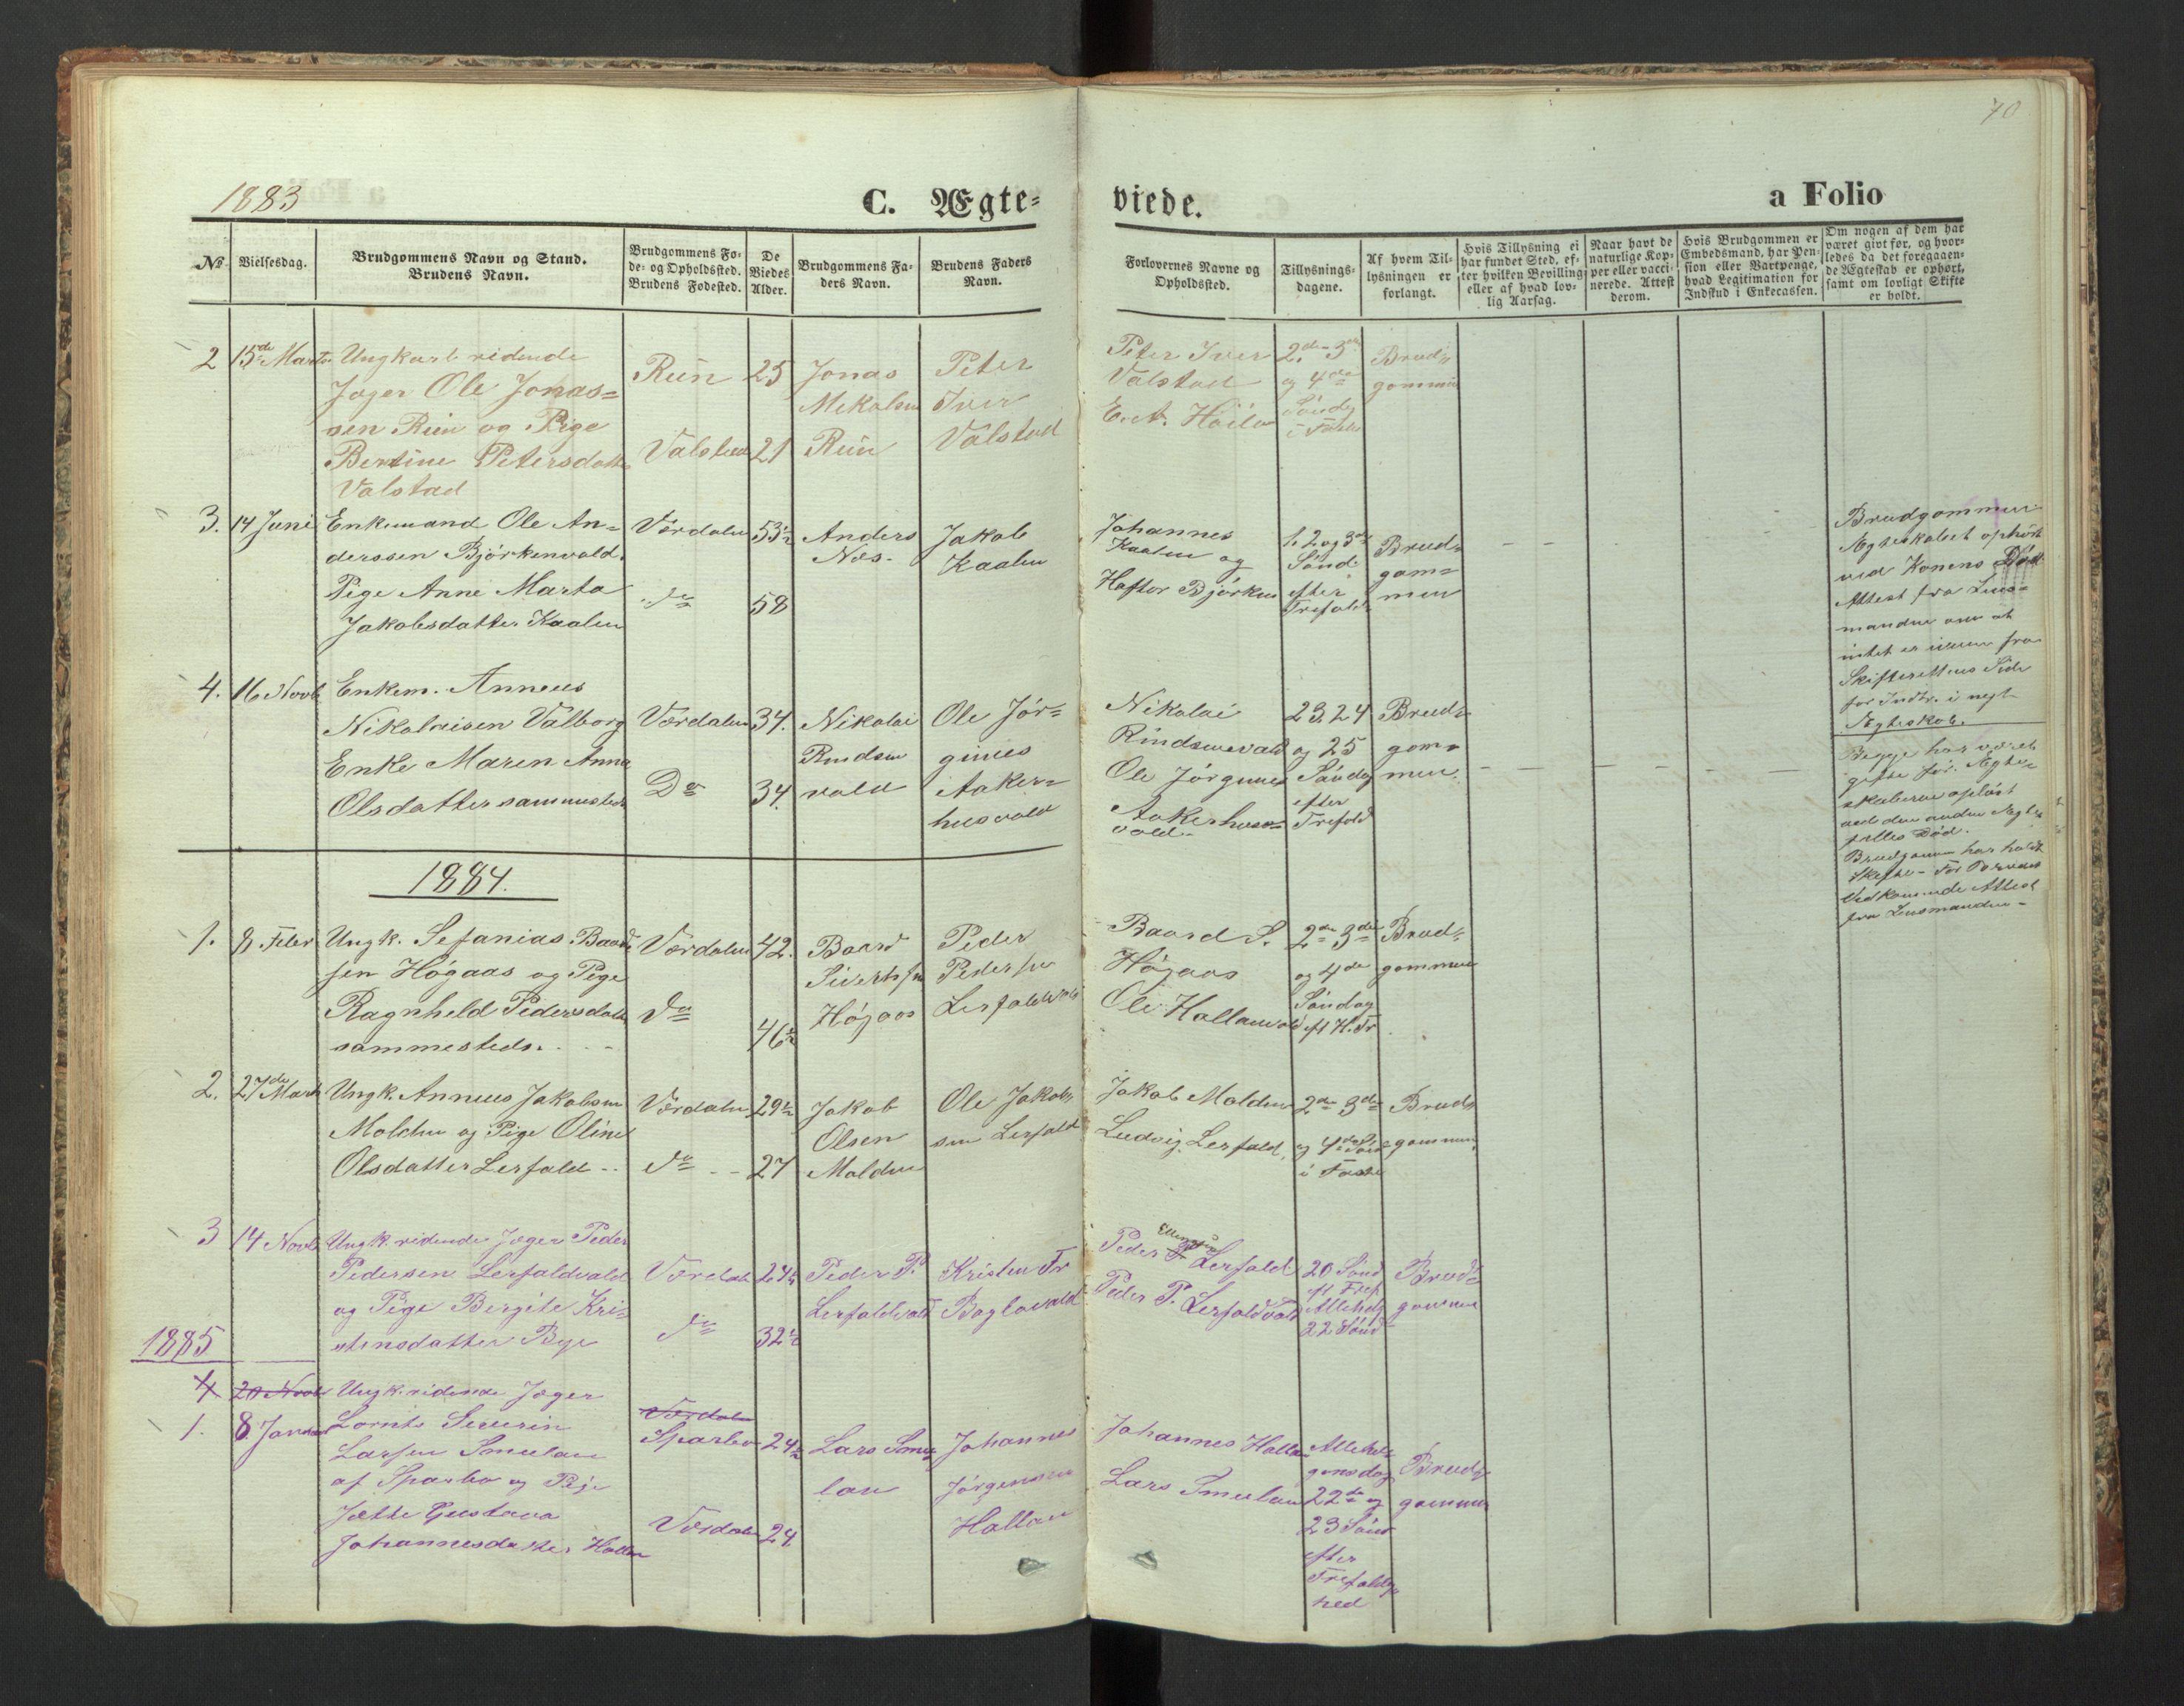 SAT, Ministerialprotokoller, klokkerbøker og fødselsregistre - Nord-Trøndelag, 726/L0271: Klokkerbok nr. 726C02, 1869-1897, s. 70